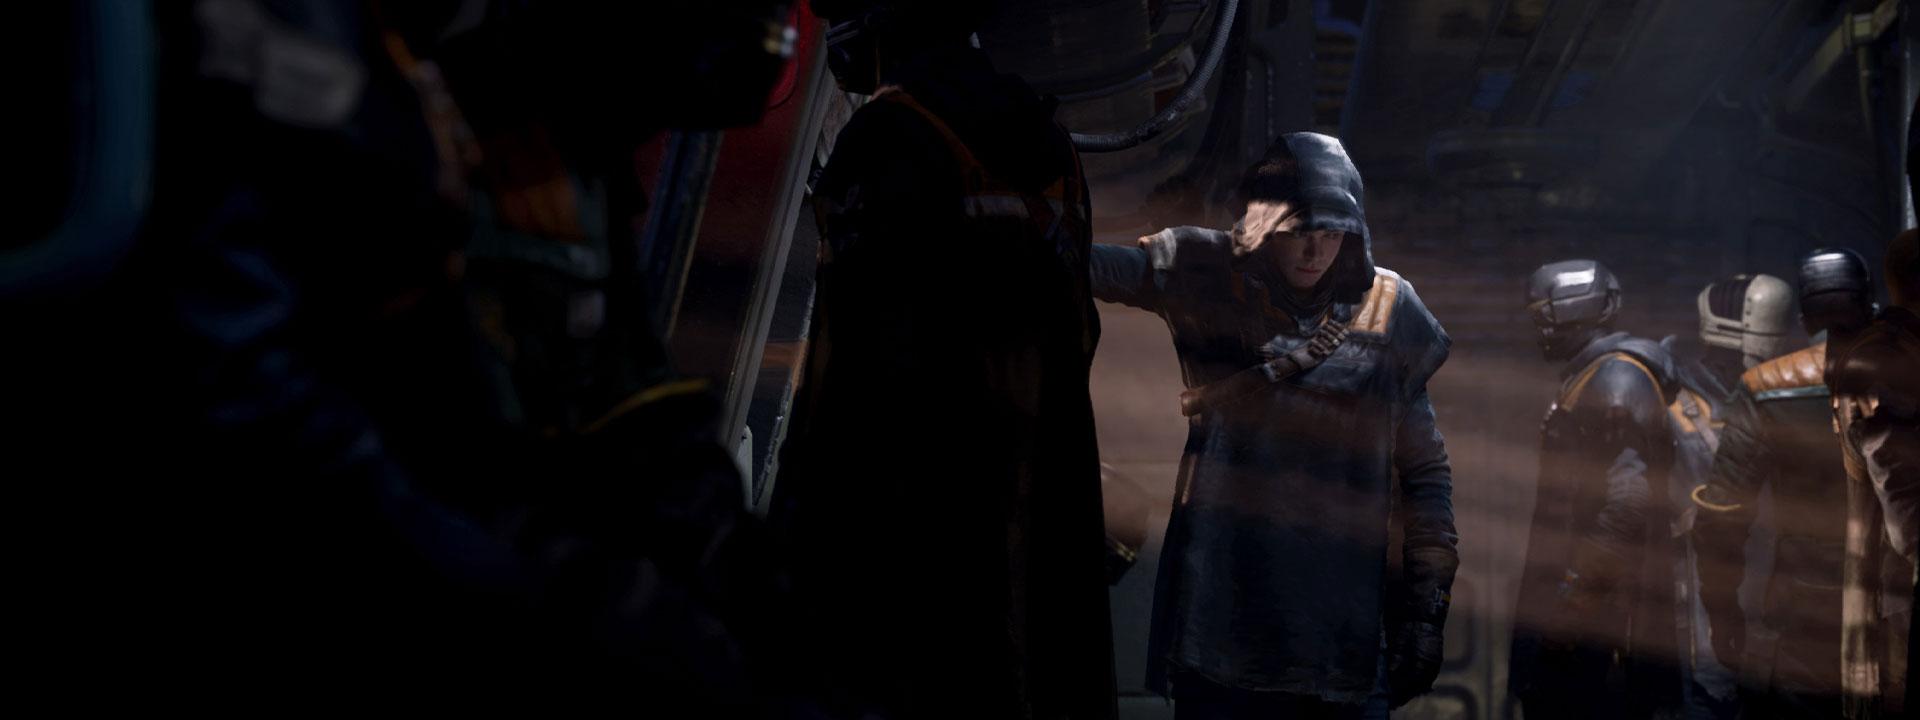 Cal Kestis se cache le visage sous une capuche dans un véhicule rempli de personnes